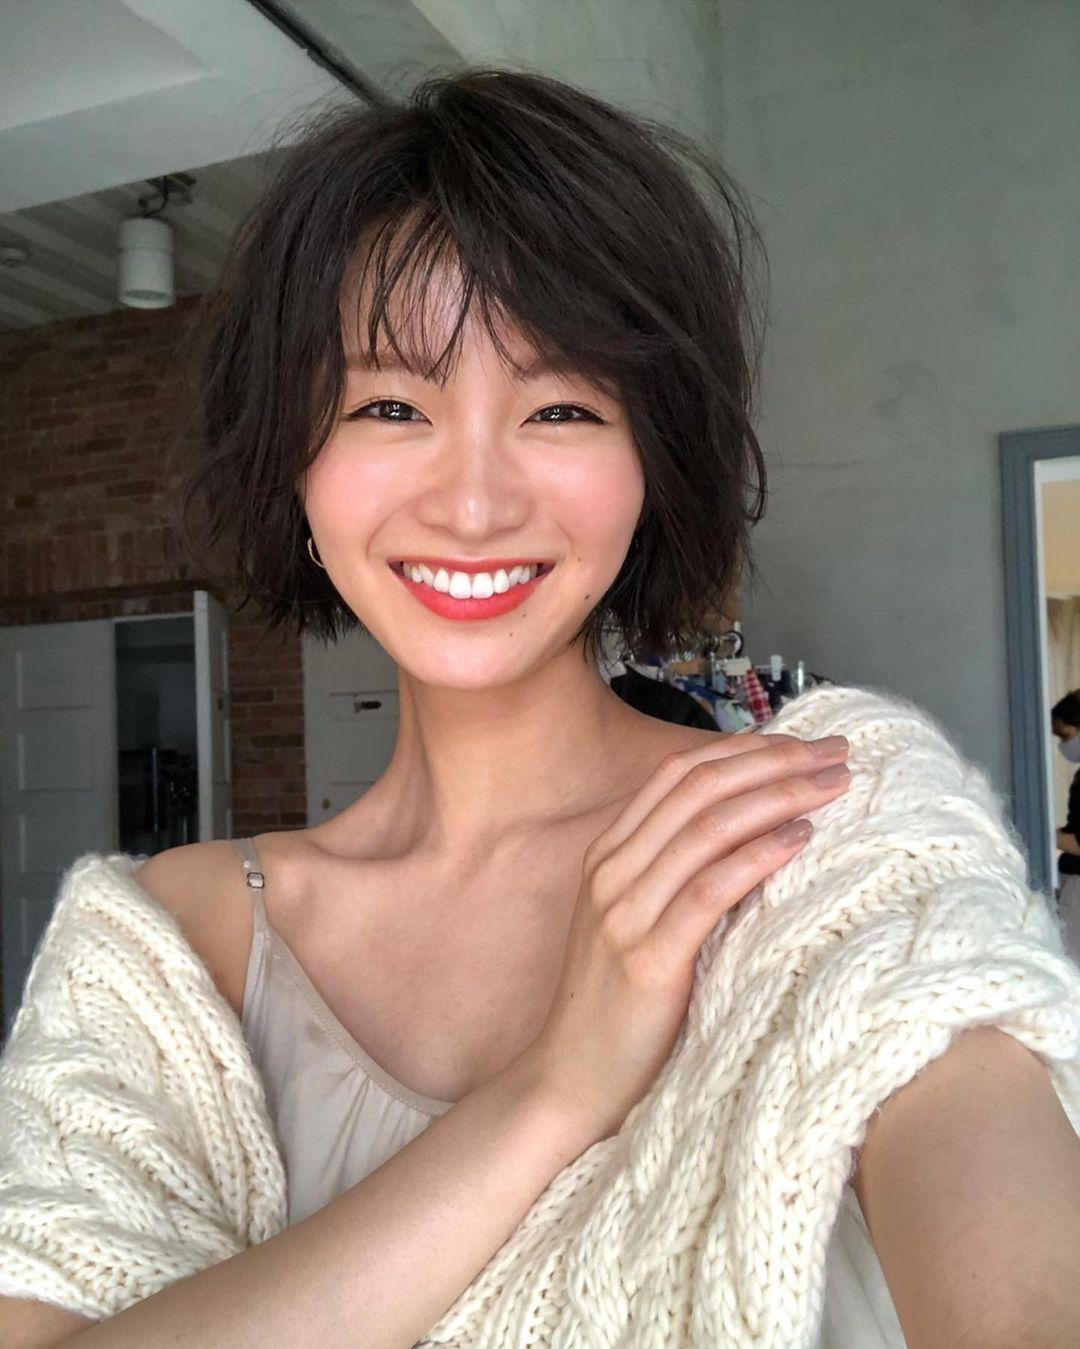 日系时尚杂志模特冈崎纱绘清甜笑容亲和力十足完全就是女友理想型 网络美女 第35张